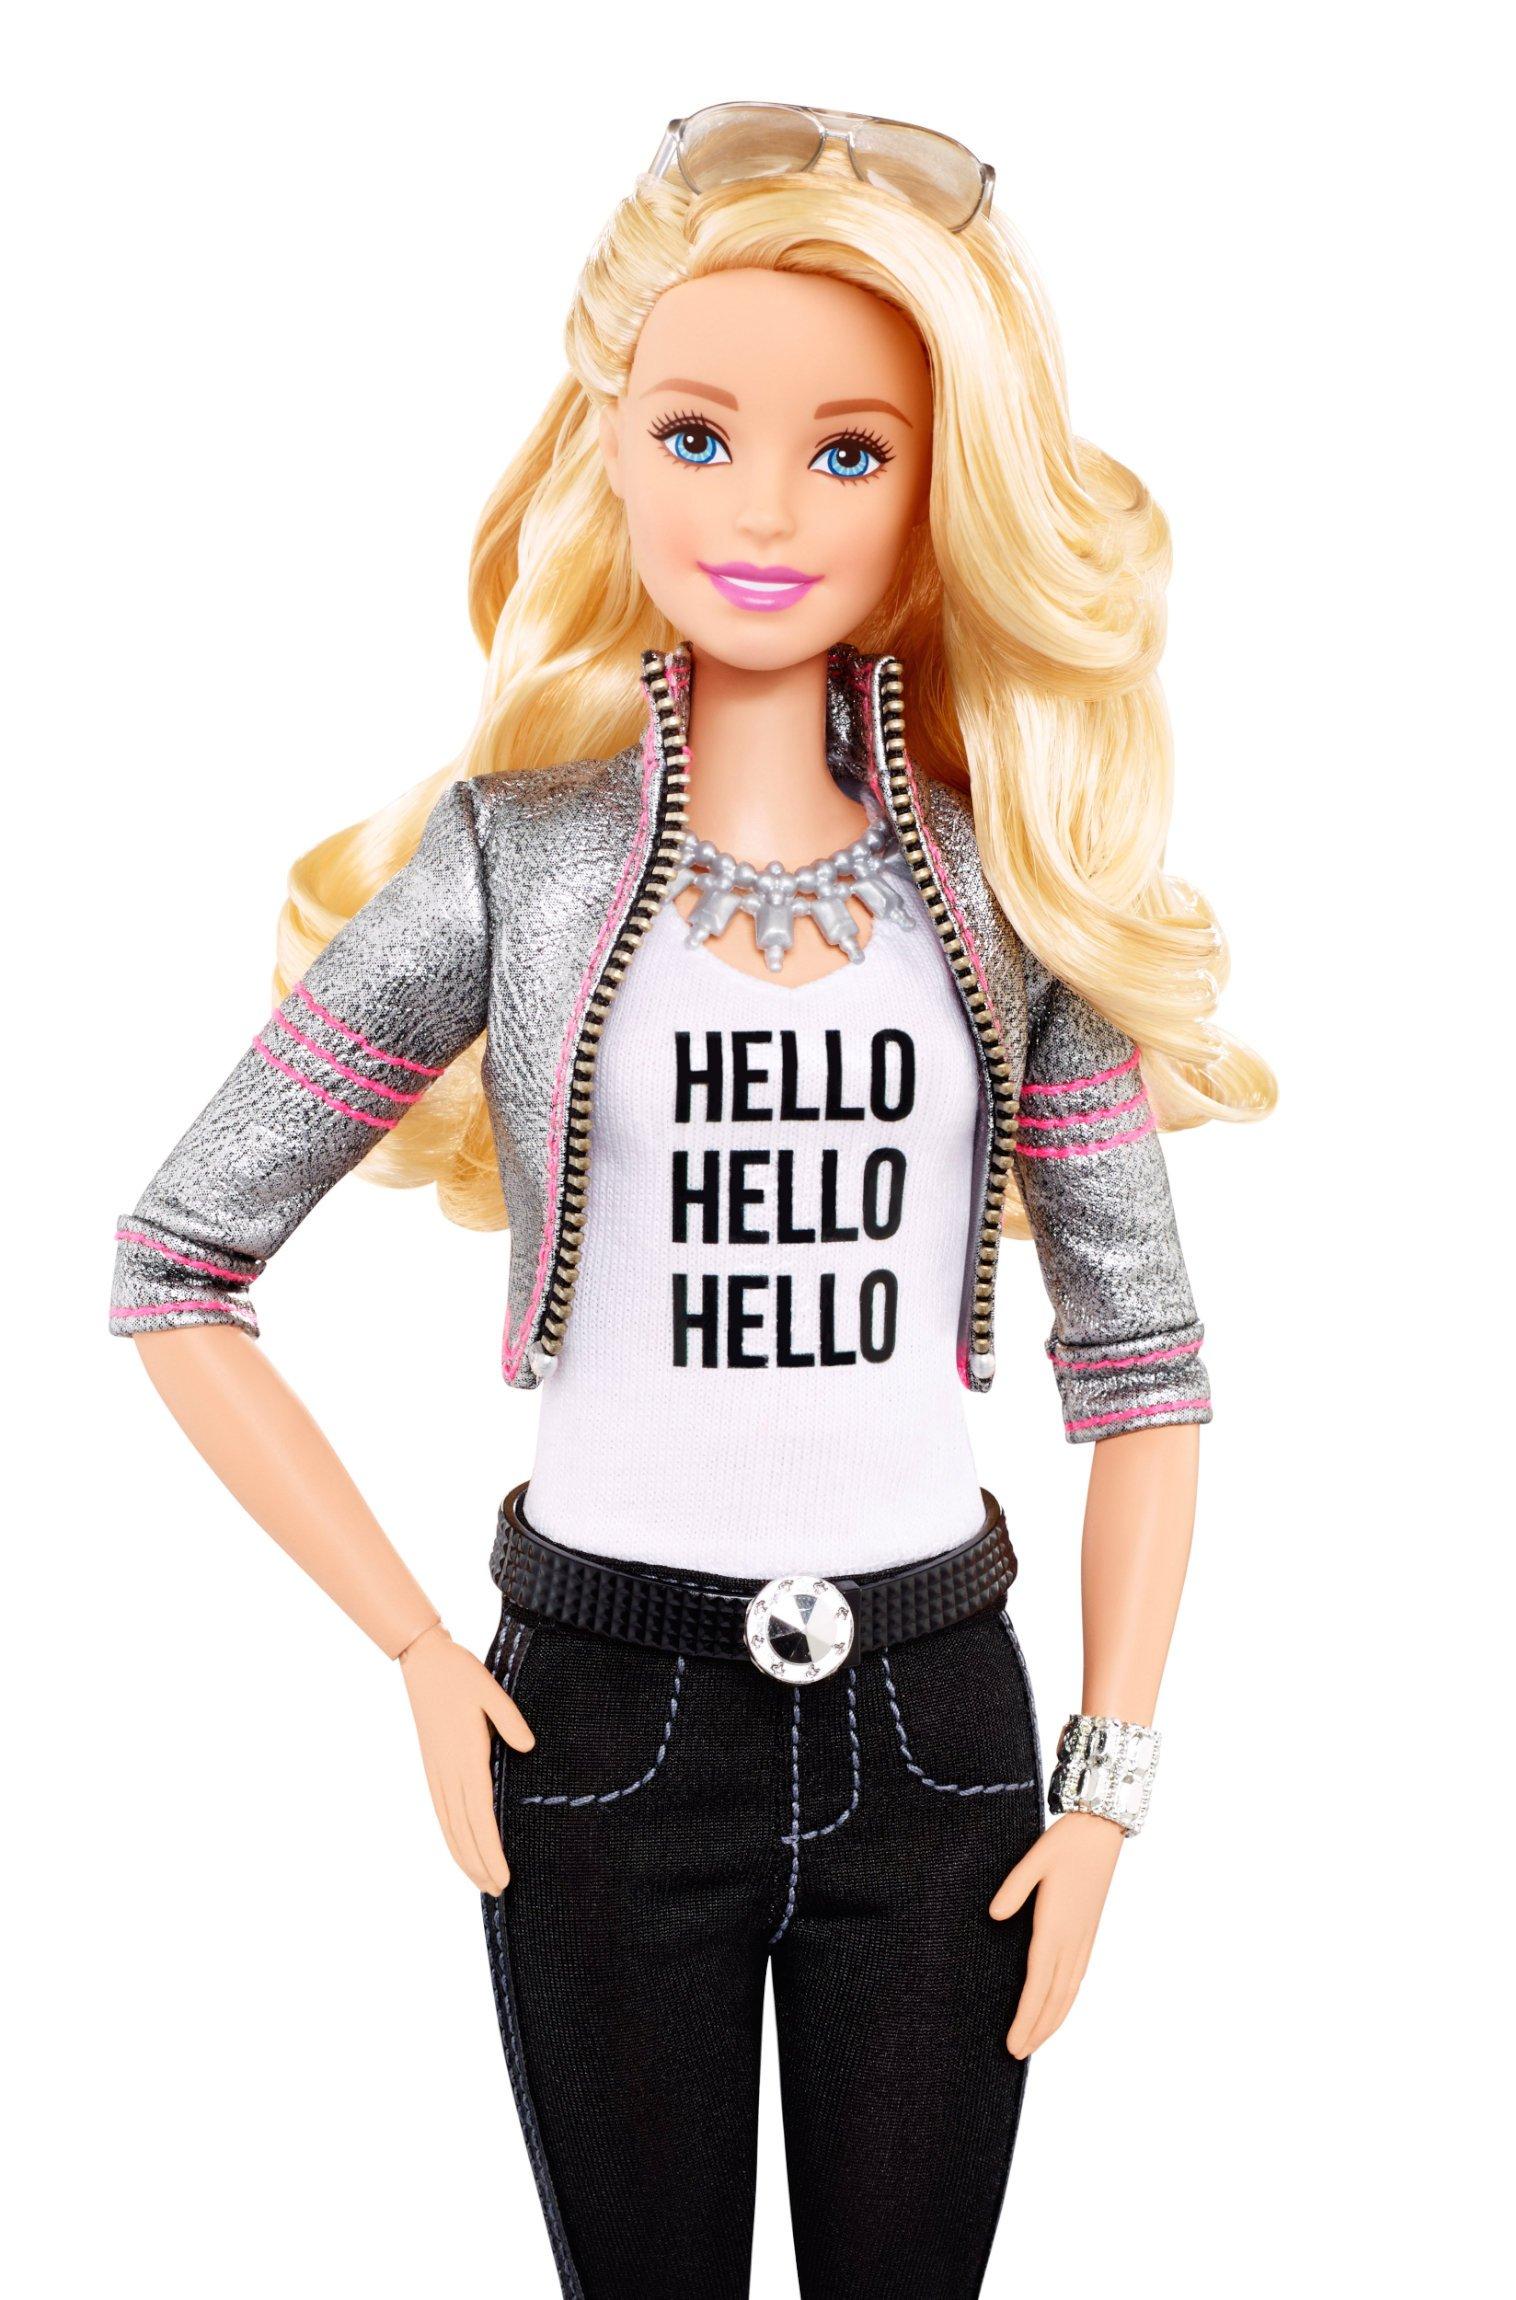 Die interaktive Barbie sollte für Mattel den Durchbruch im Weihnachtsgeschäft bringen. Jetzt gibt es Kritik, dass die Puppe Kinder abhört.